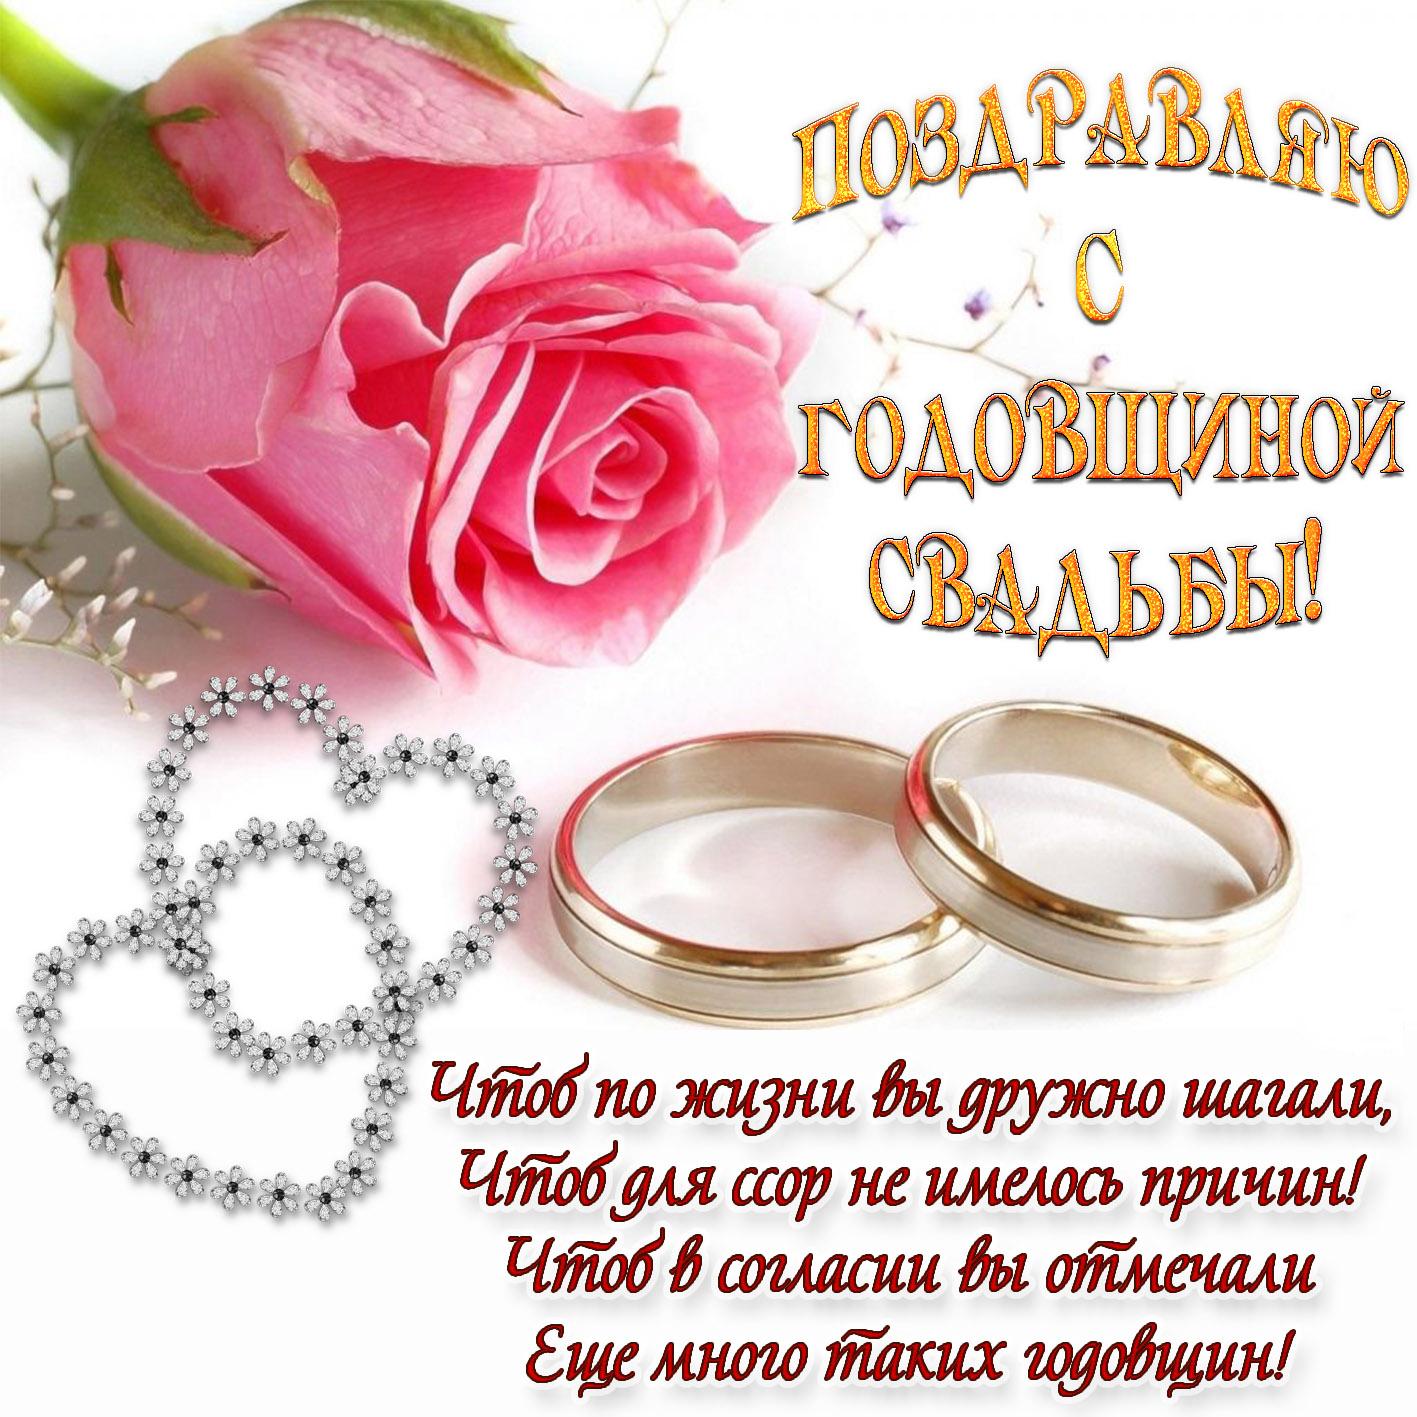 качество открытки поздравляем с юбилеем свадьбы этого знаменитого города